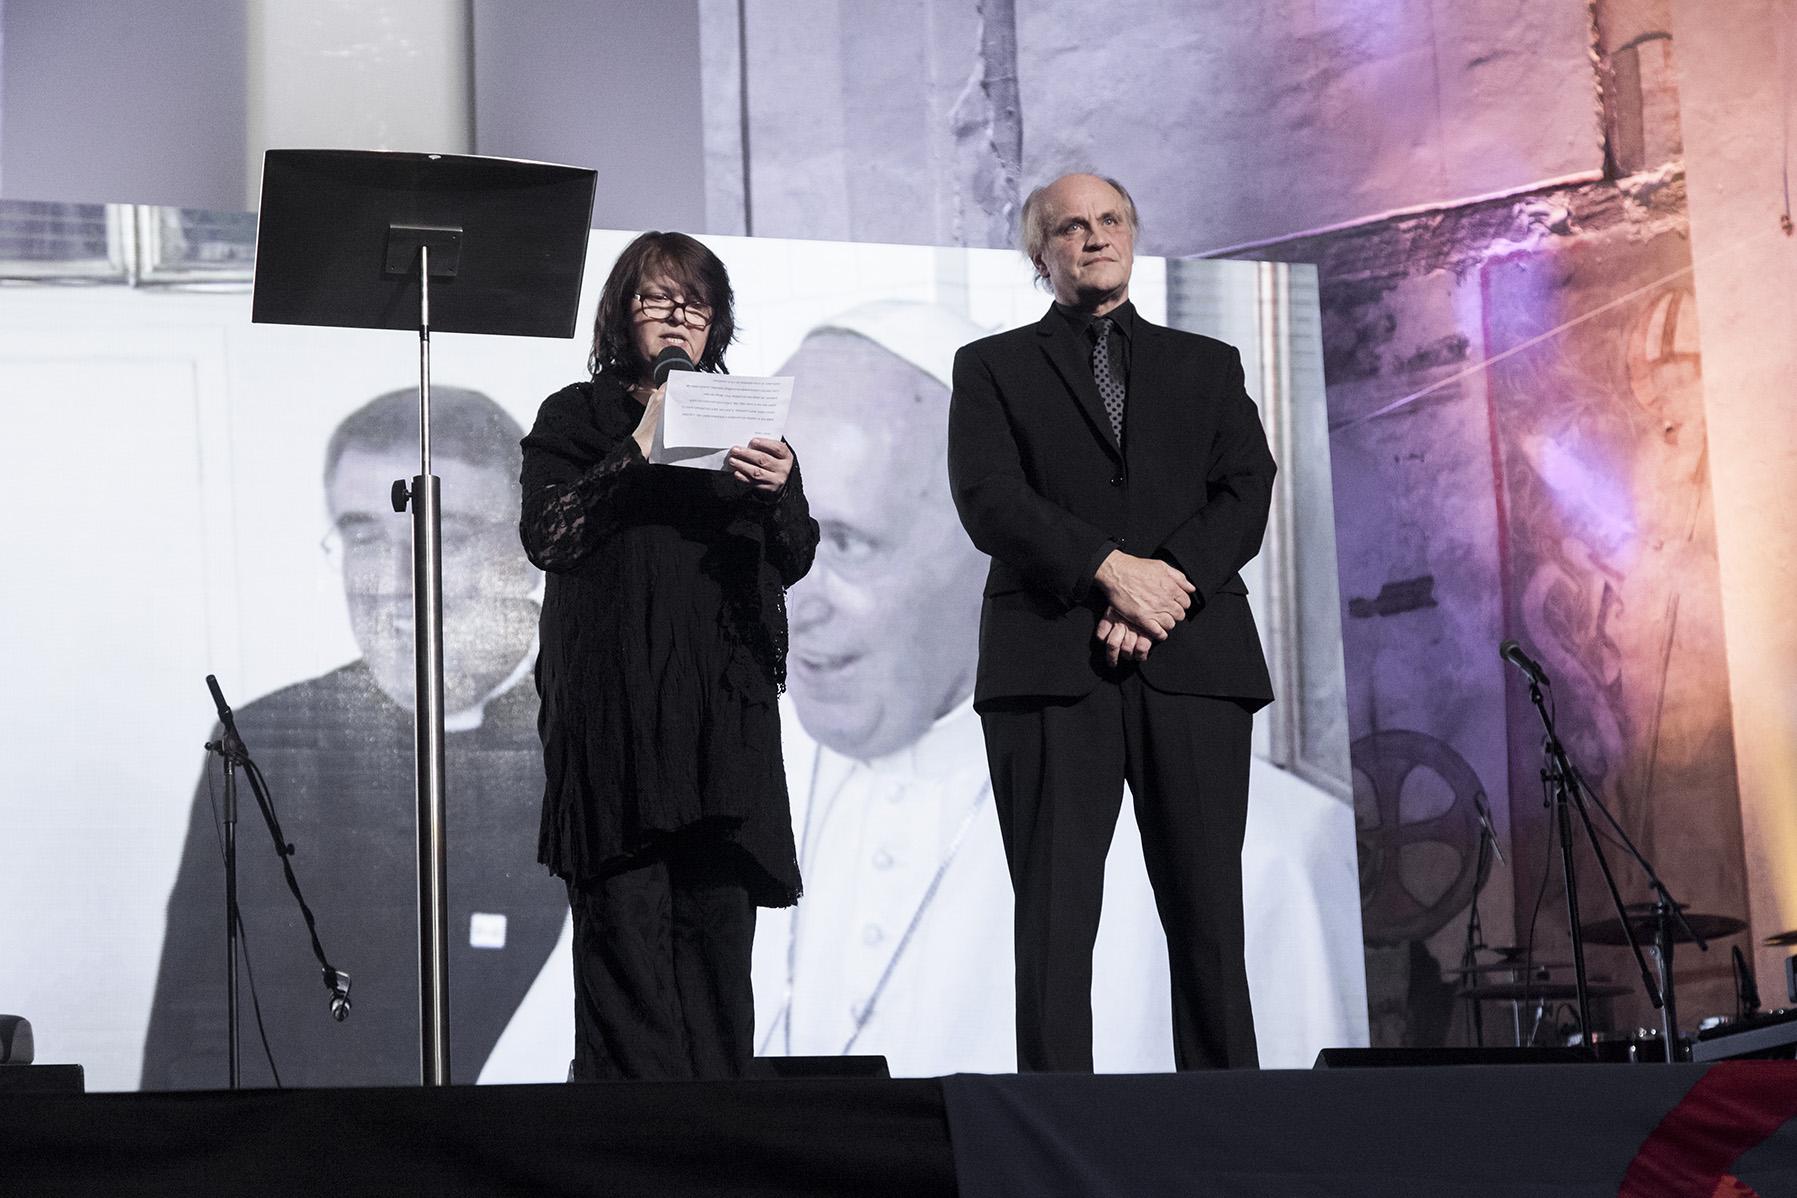 Organizátoři cen Roma Spirit v ČR: Michael Kocáb a Andrea Šenkyříková, která přečetla poselství pro Roma Spirit a ujistění o své modlitbě od papeže Františka.